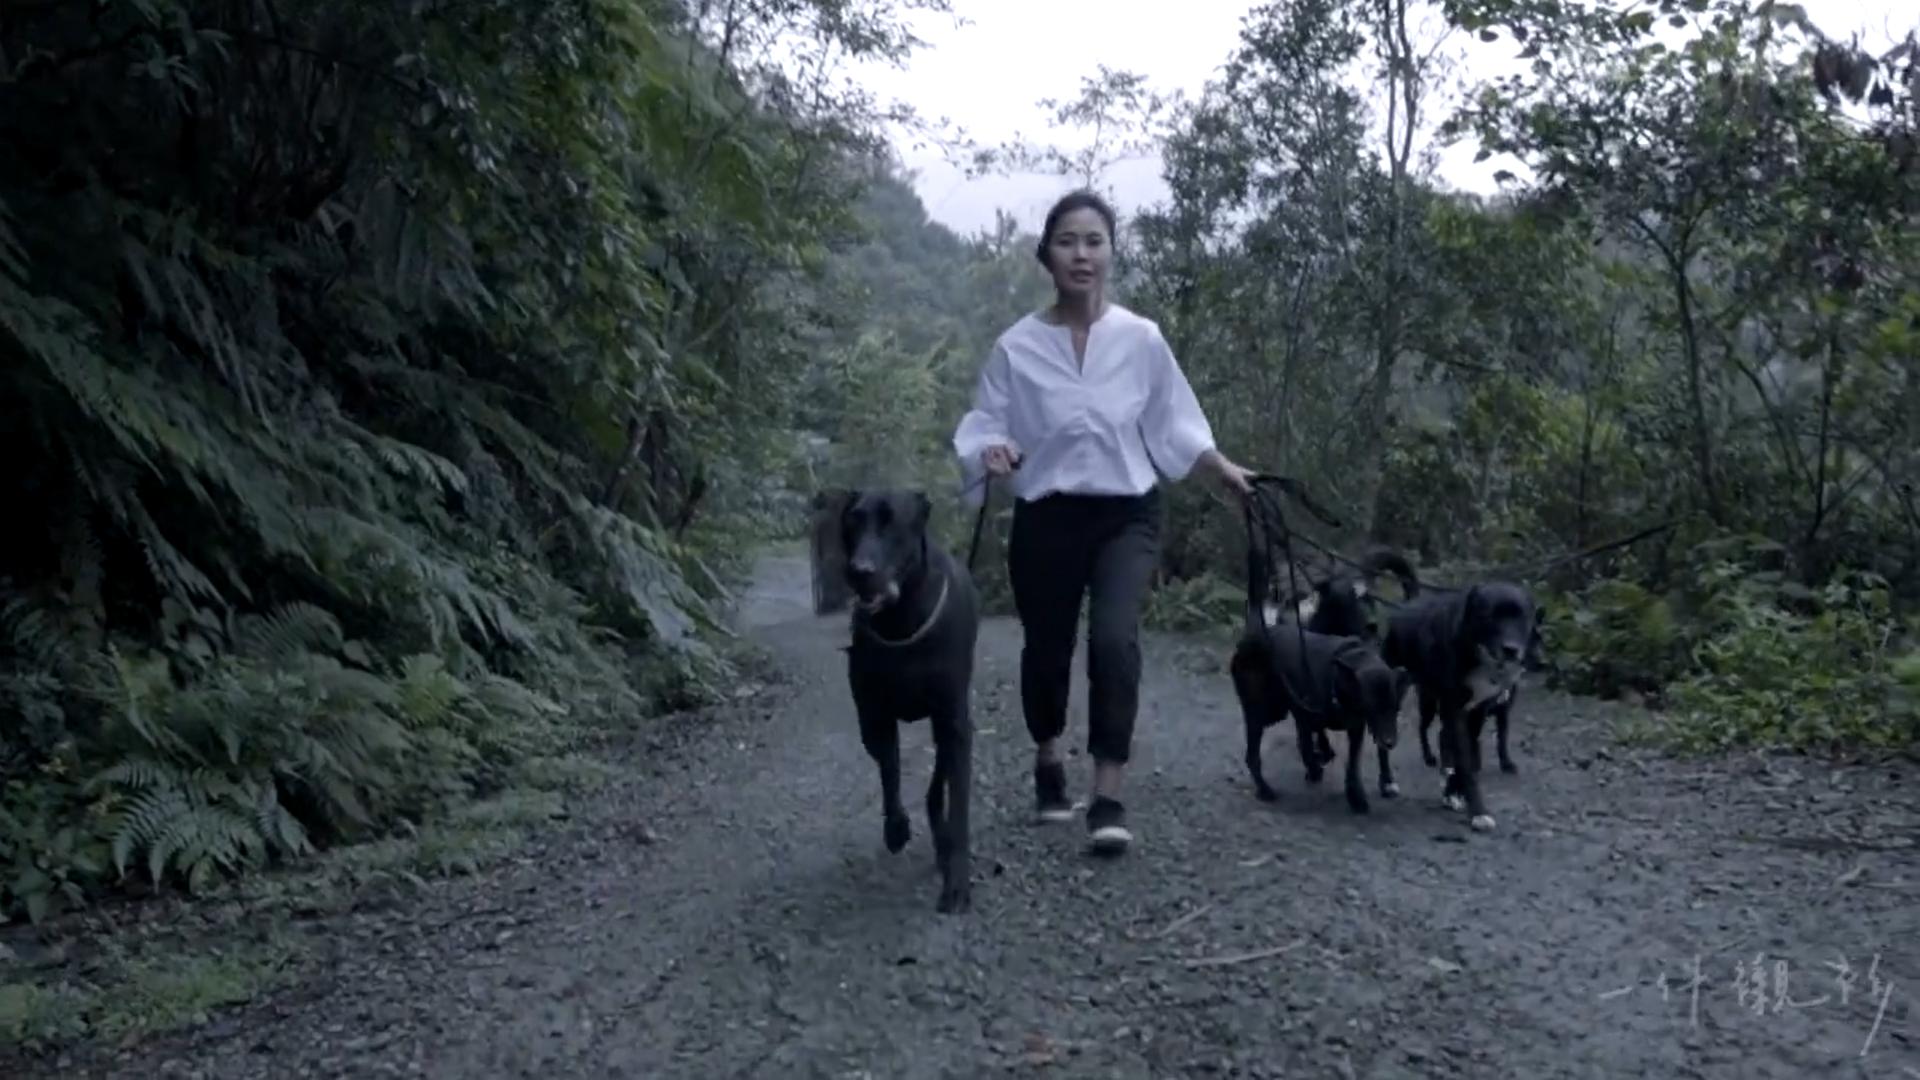 Mary與她撿的流浪狗